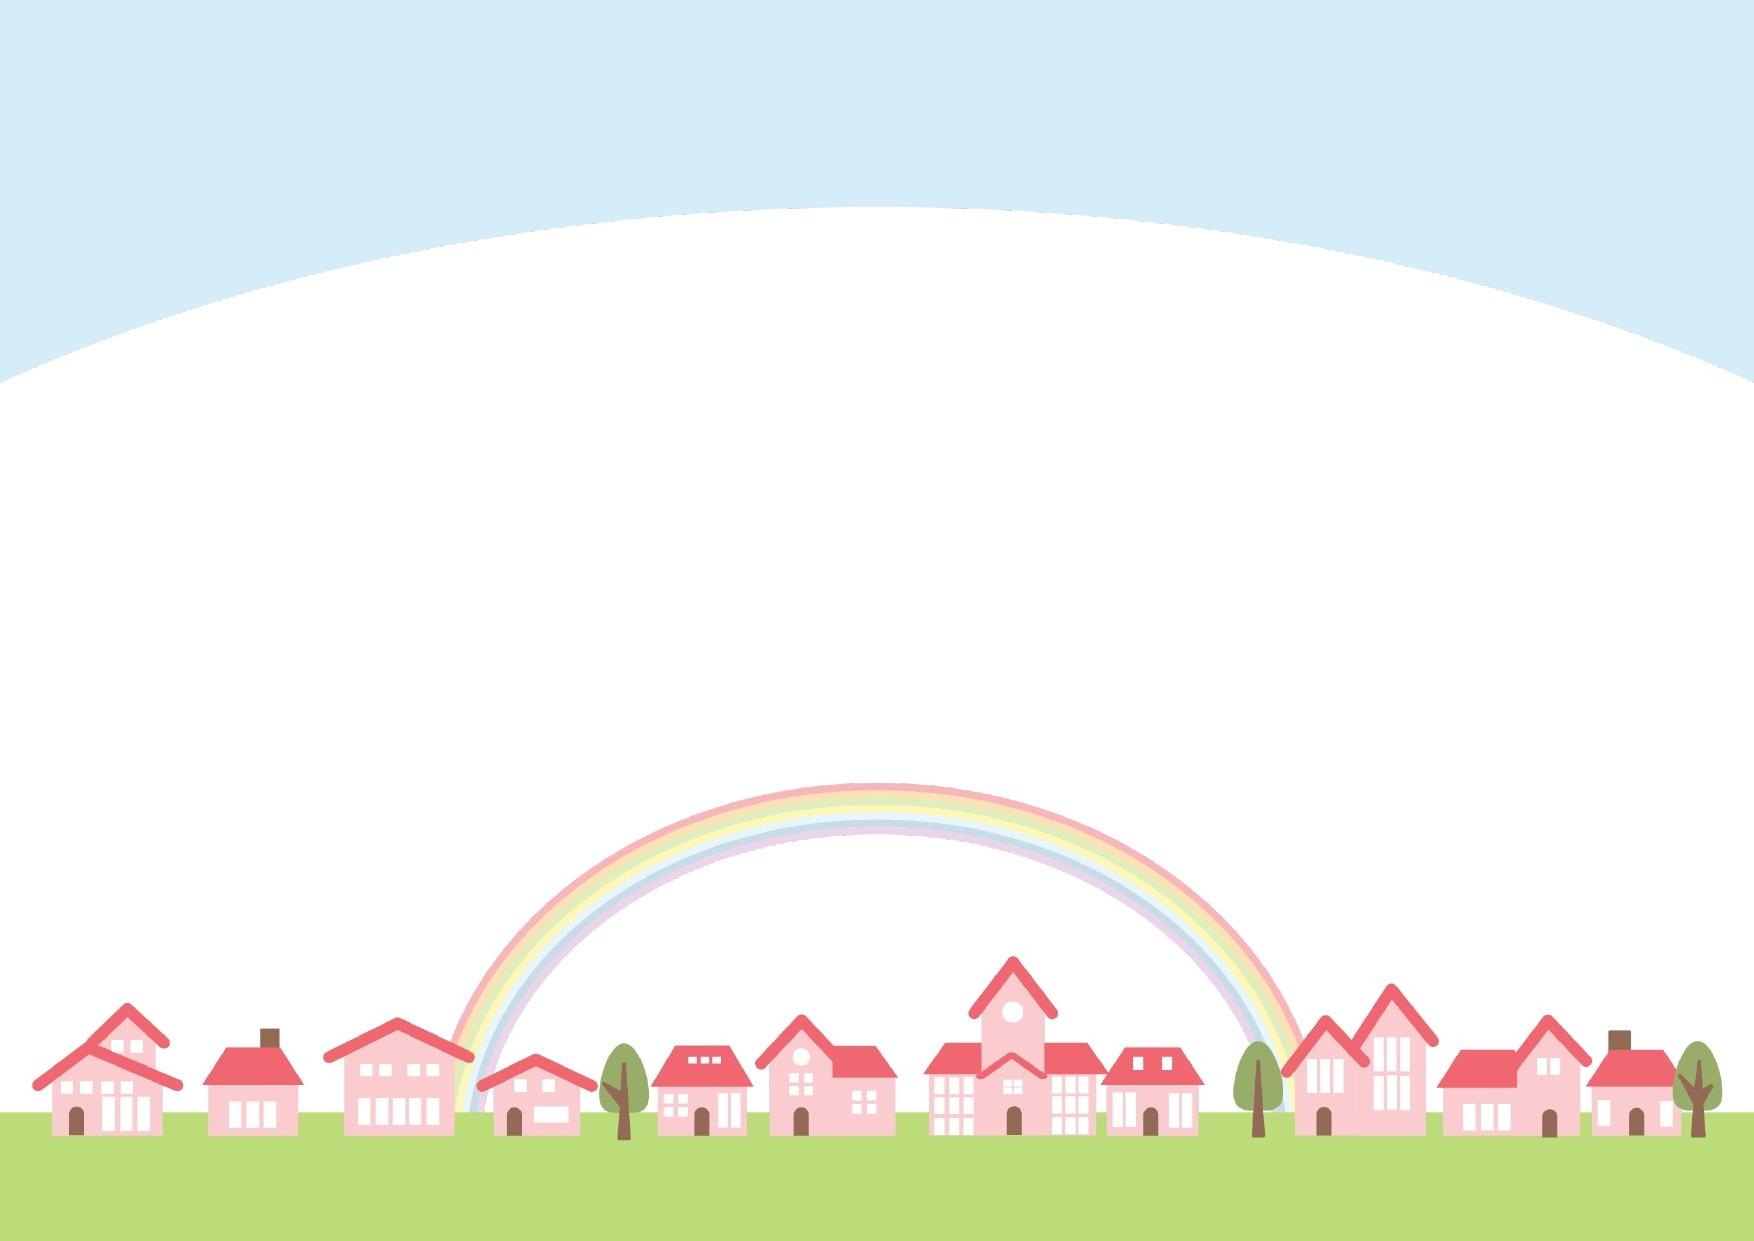 虹子とピンクの建物の街並みのフレーム